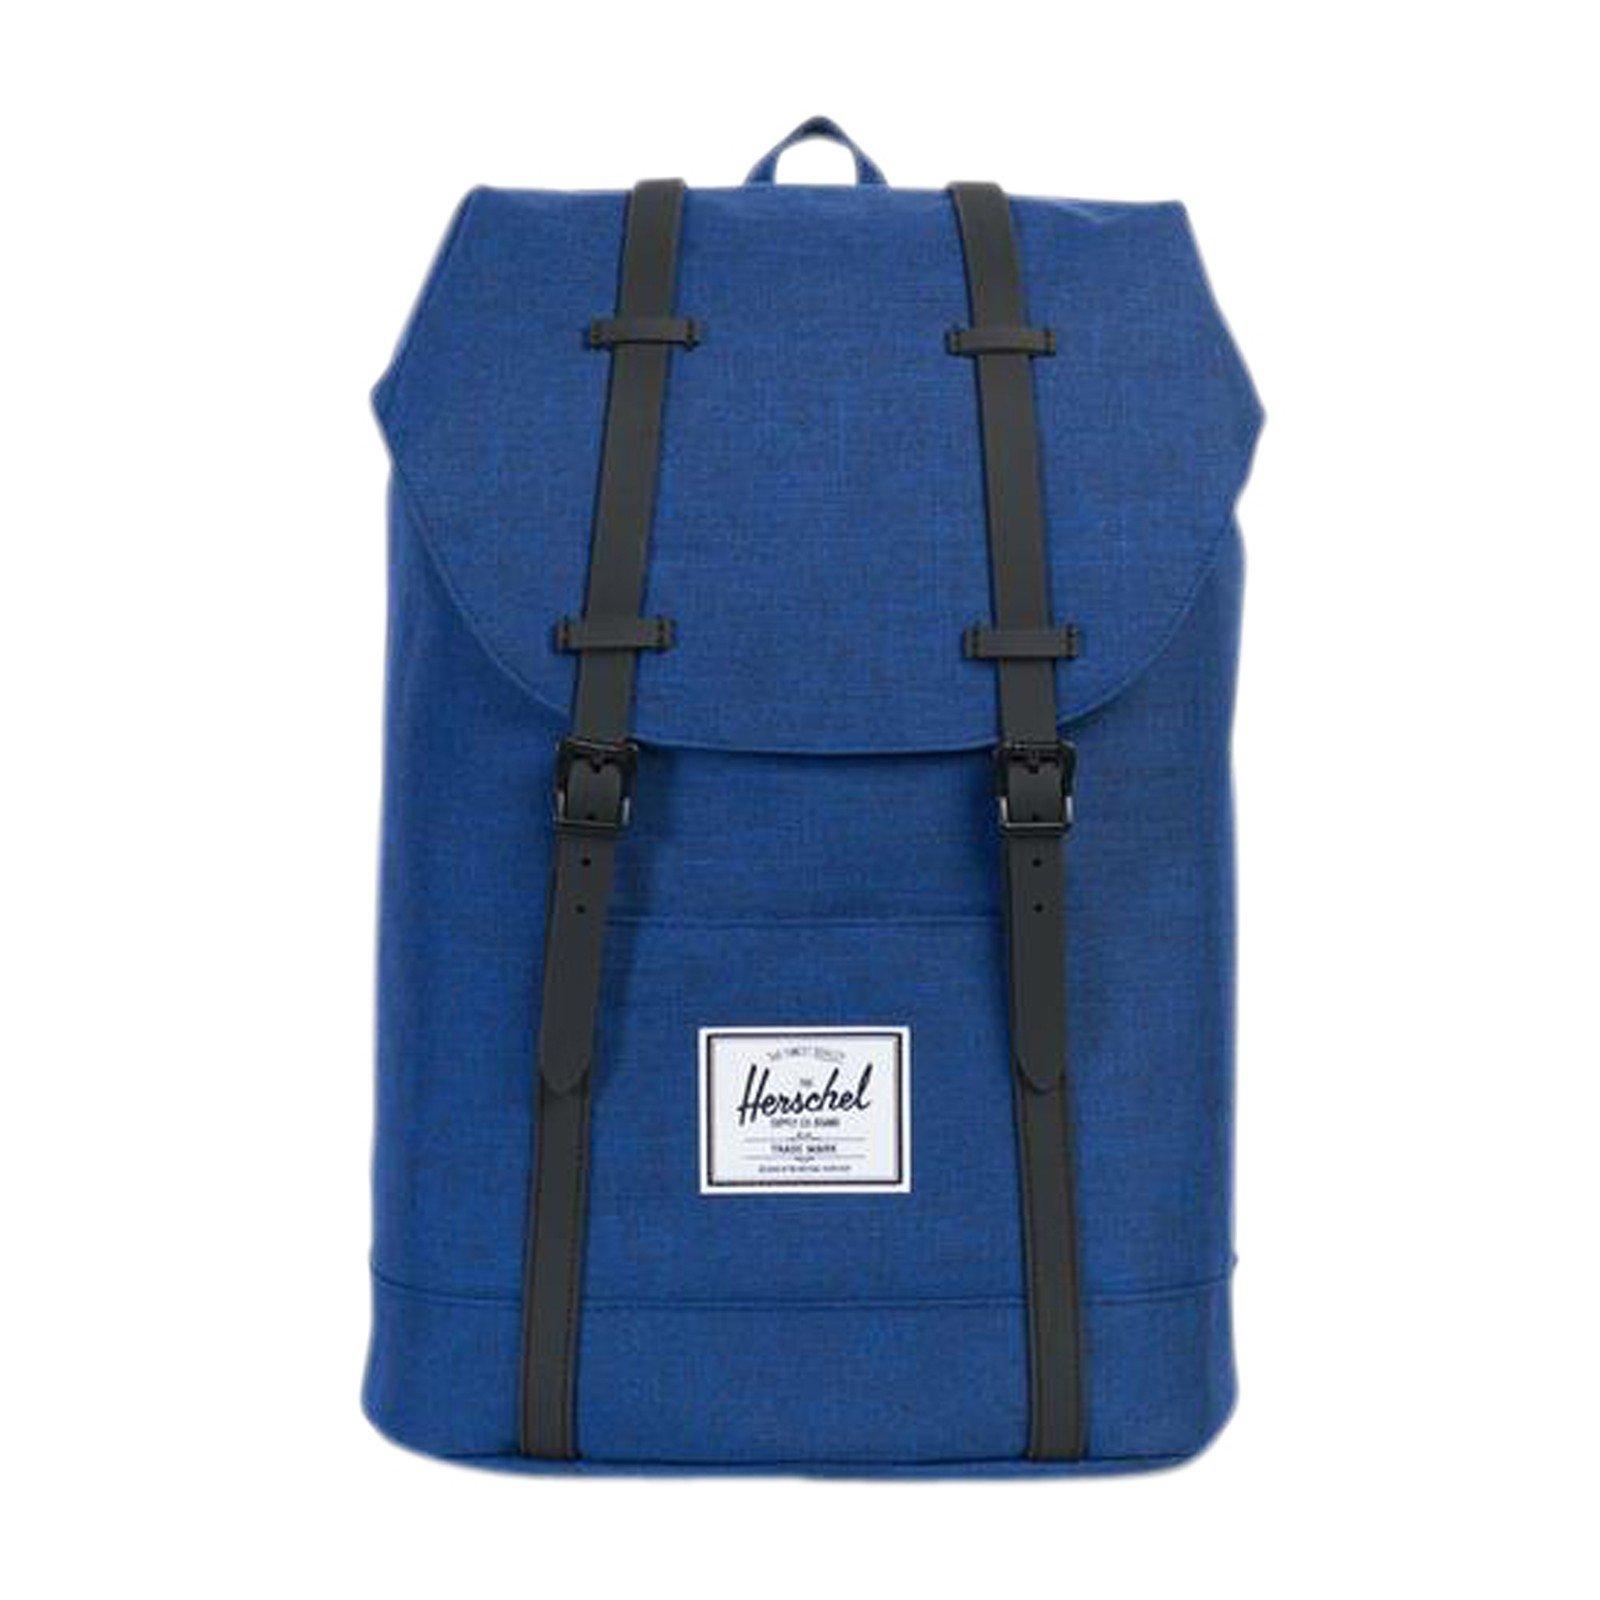 Herschel Retreat Backpack, Eclipse Crosshatch/Black Rubber